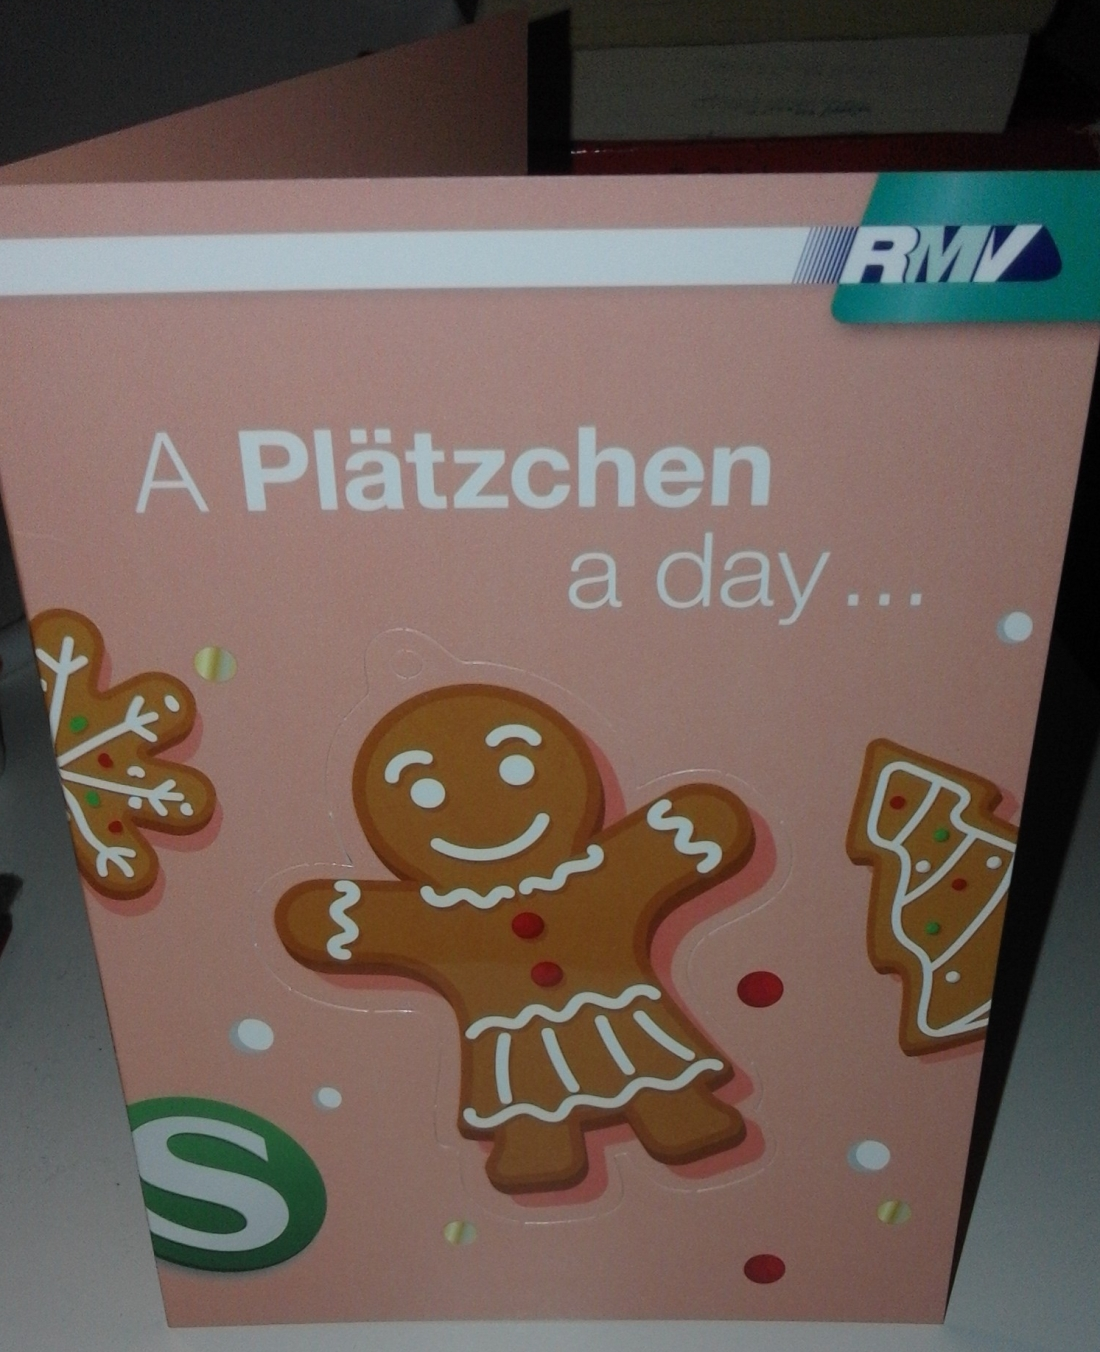 A Plätzchen a day ...